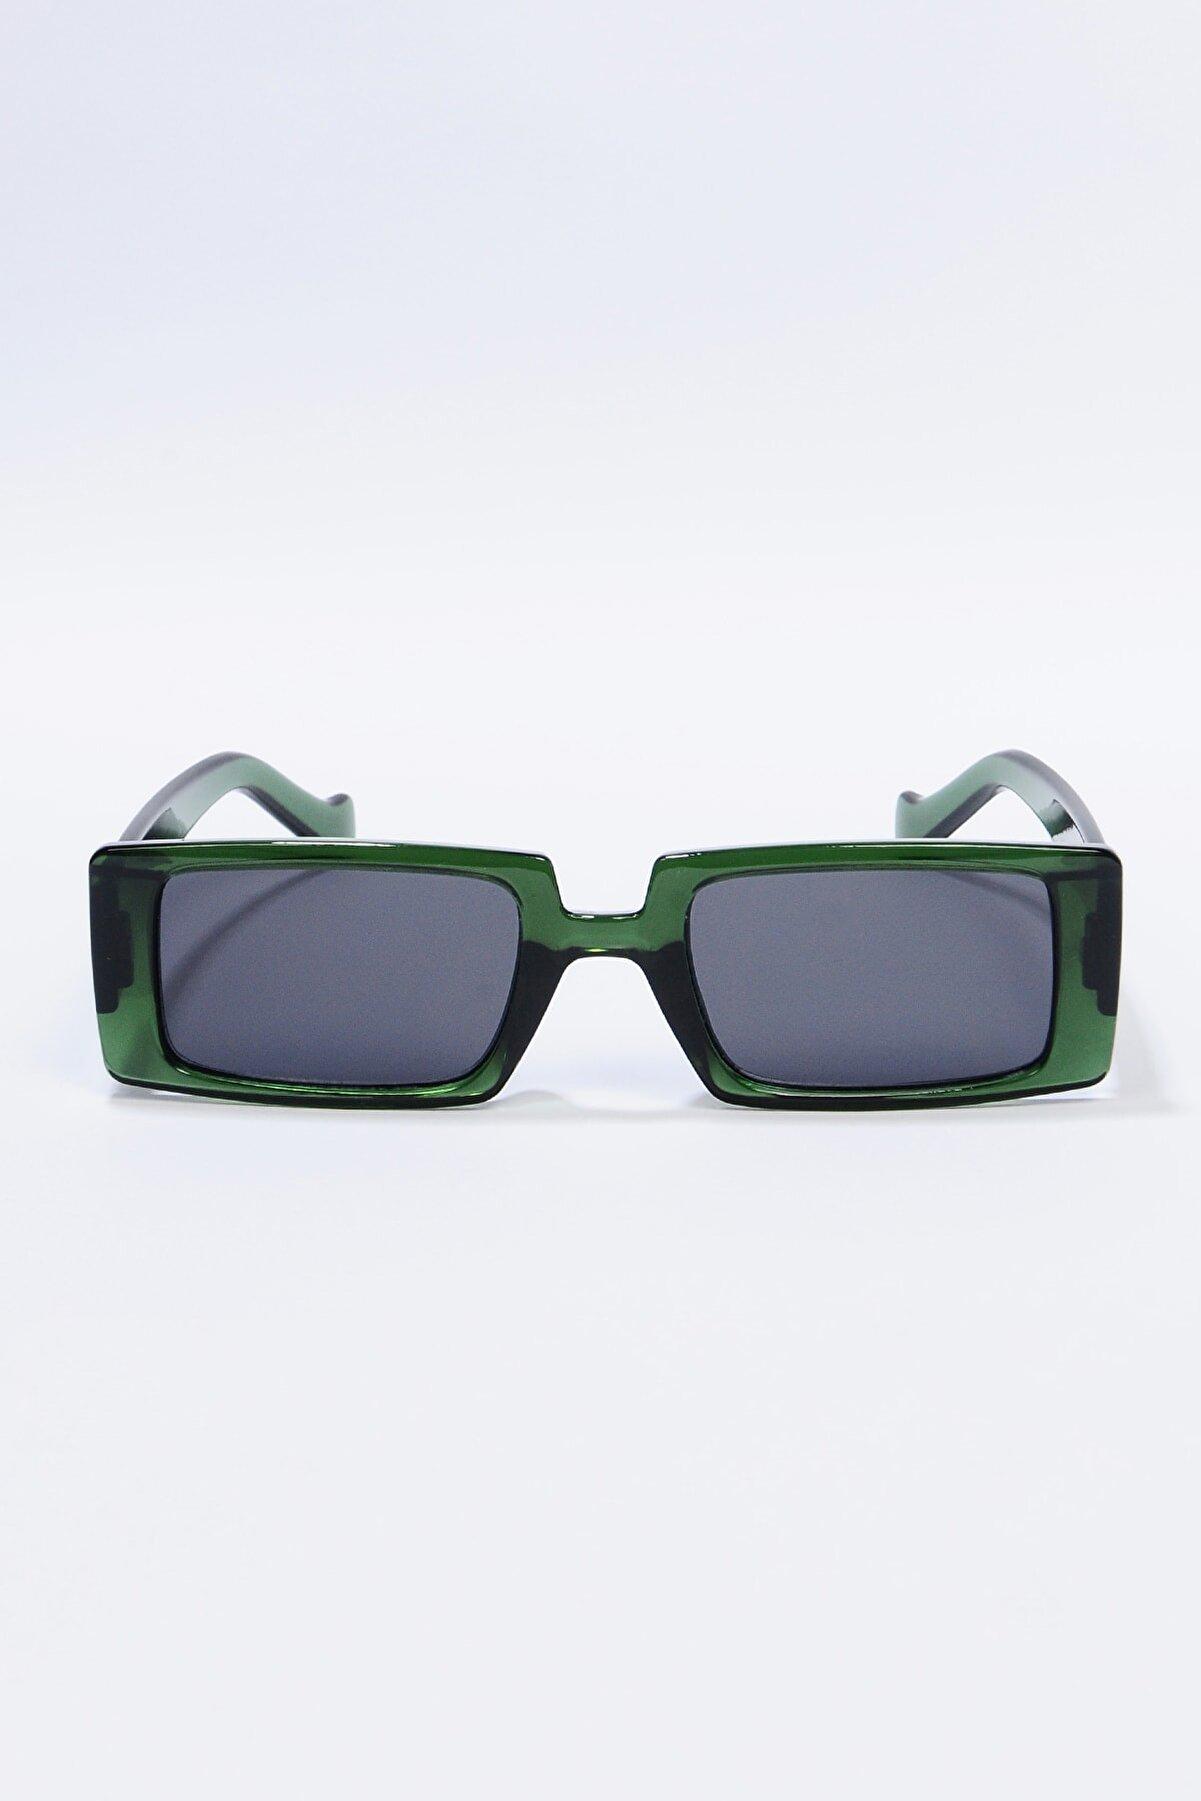 Zevahir Kadın Yeşil Dikdörtgen Güneş Gözlüğü